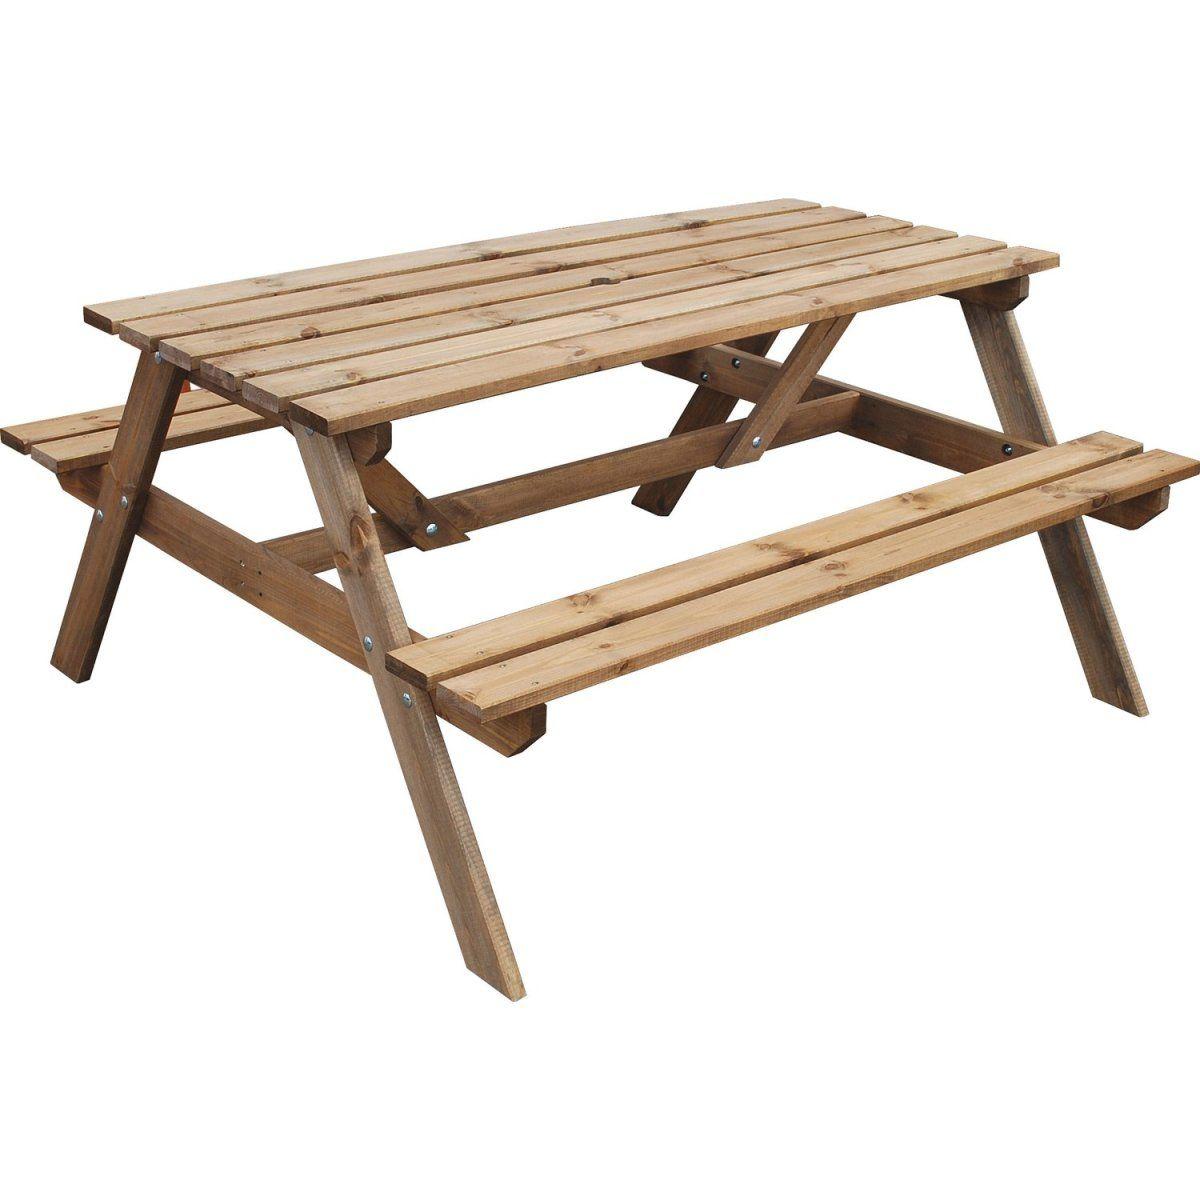 Ziemlich Holzgartenmöbel Rustikal Bilder - Hauptinnenideen - kakados.com